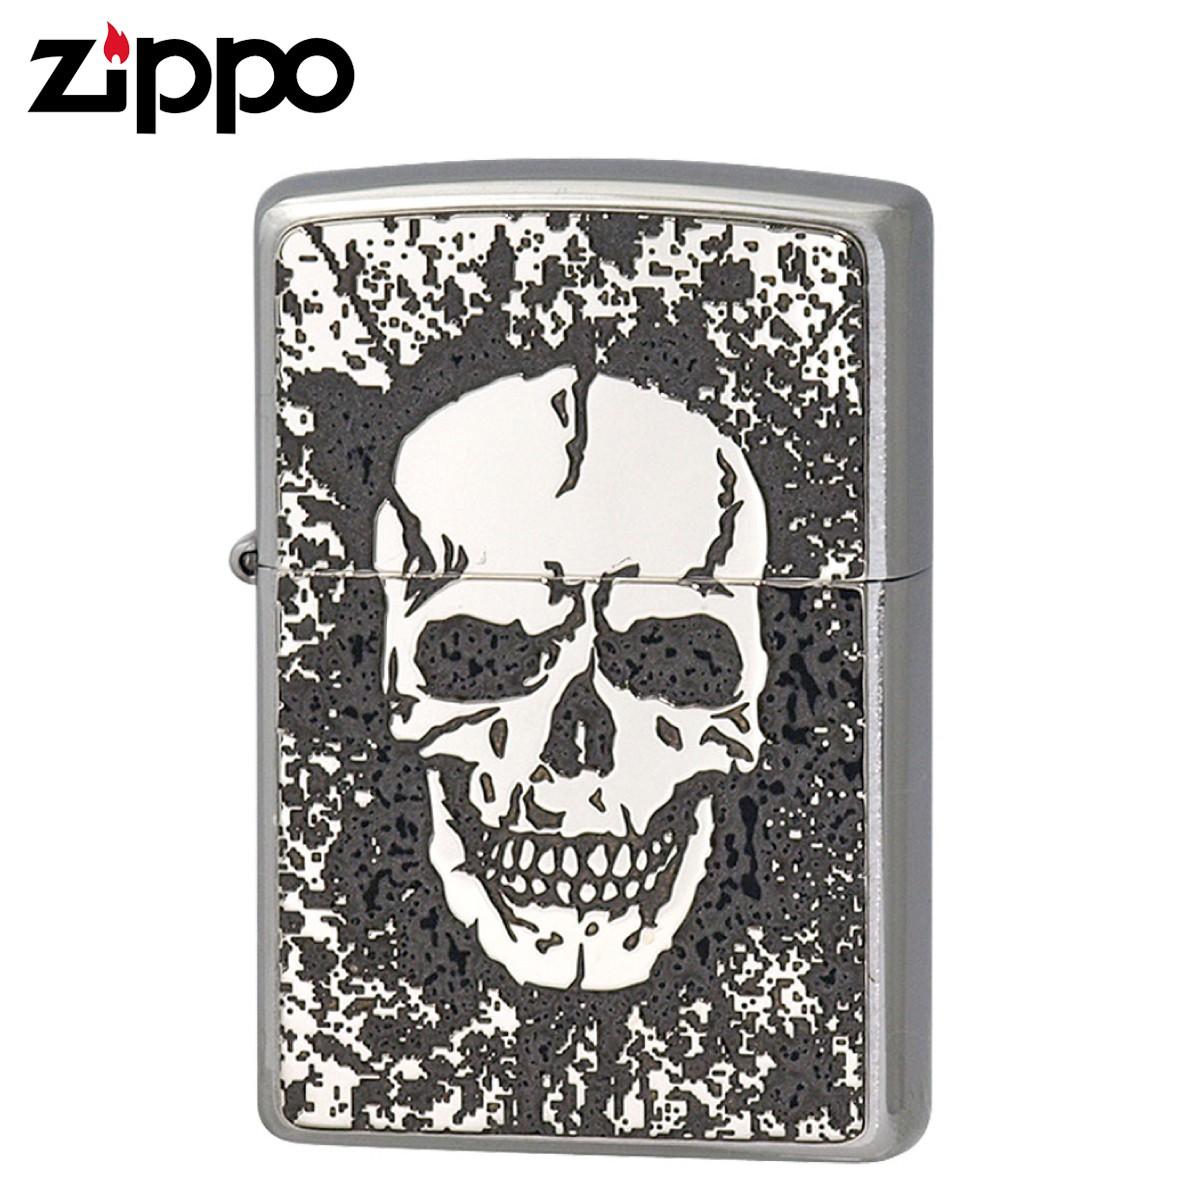 Zippo ジッポー Zippoライター ジッポライター オイルライター 200 フラットボトム メタルペイントプレート パターン 2MPP-Skull(GY) ギフト プレゼント 贈り物 返品不可 喫煙具